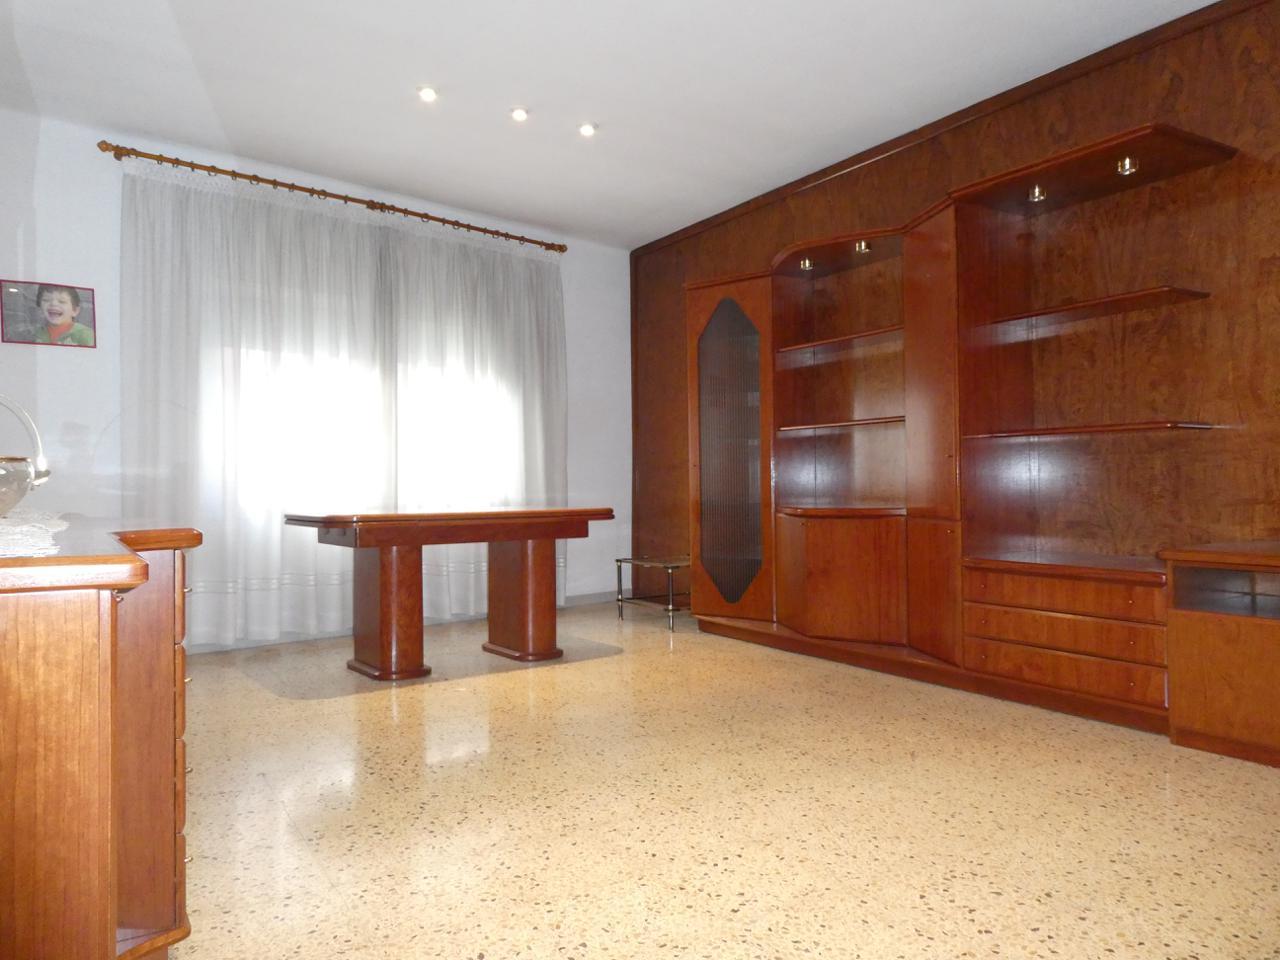 piso en montornes-del-valles · carrer-de-l'estrella-08170 135000€